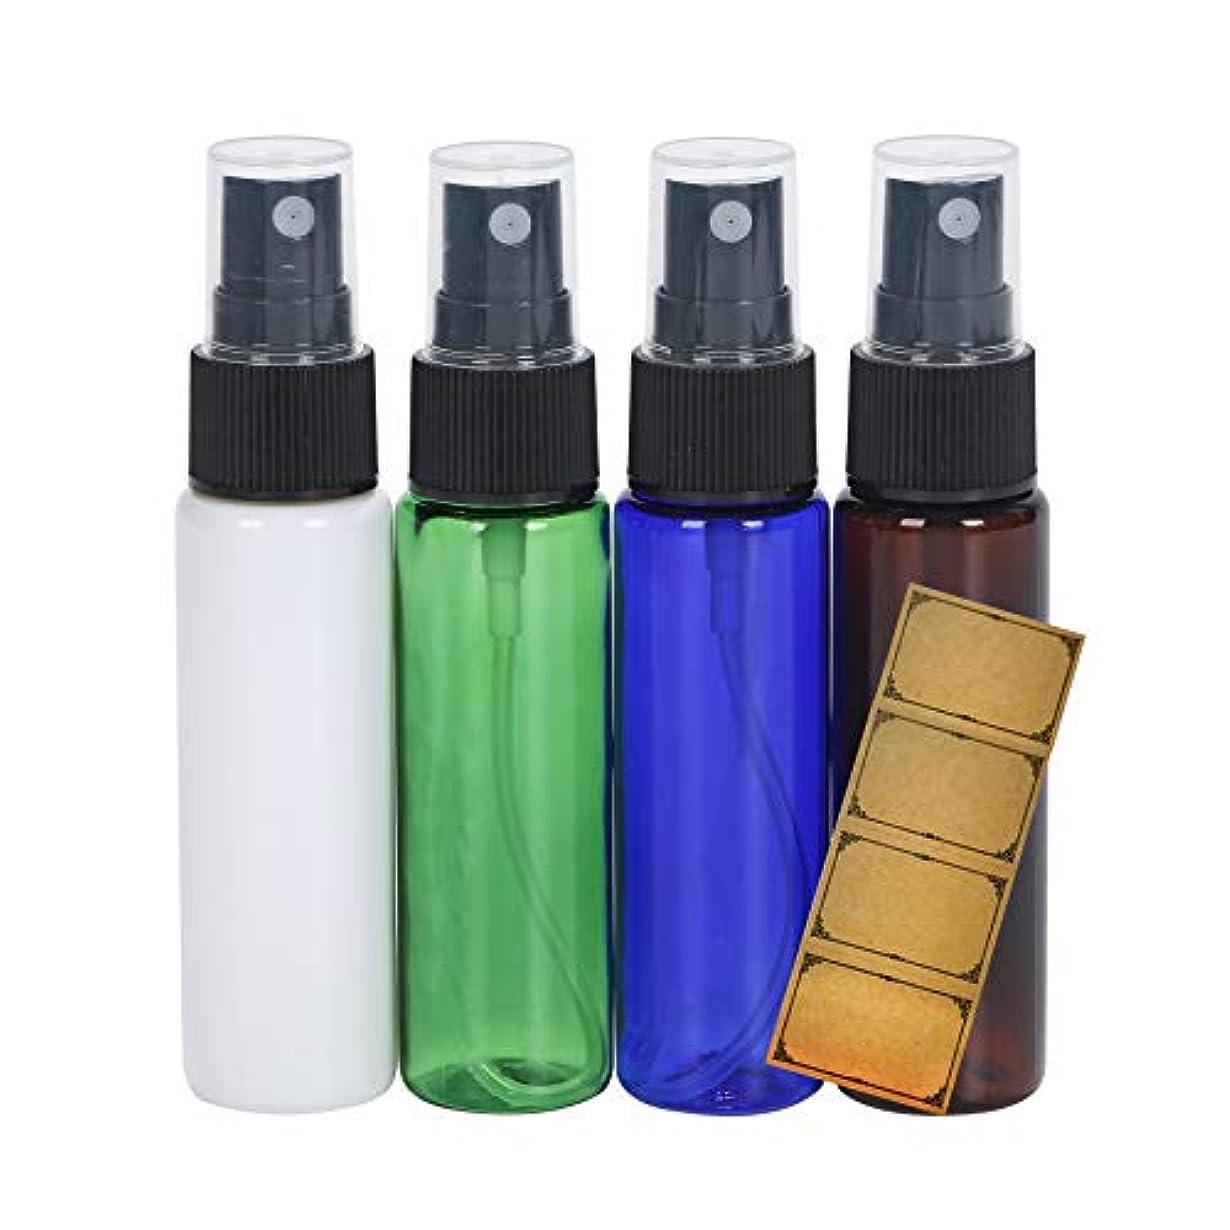 急いで感情の引き出しスプレーボトル 30ml 4本 オリジナルラベルシール付き 遮光 PET製 (4色(青、緑、茶、白))